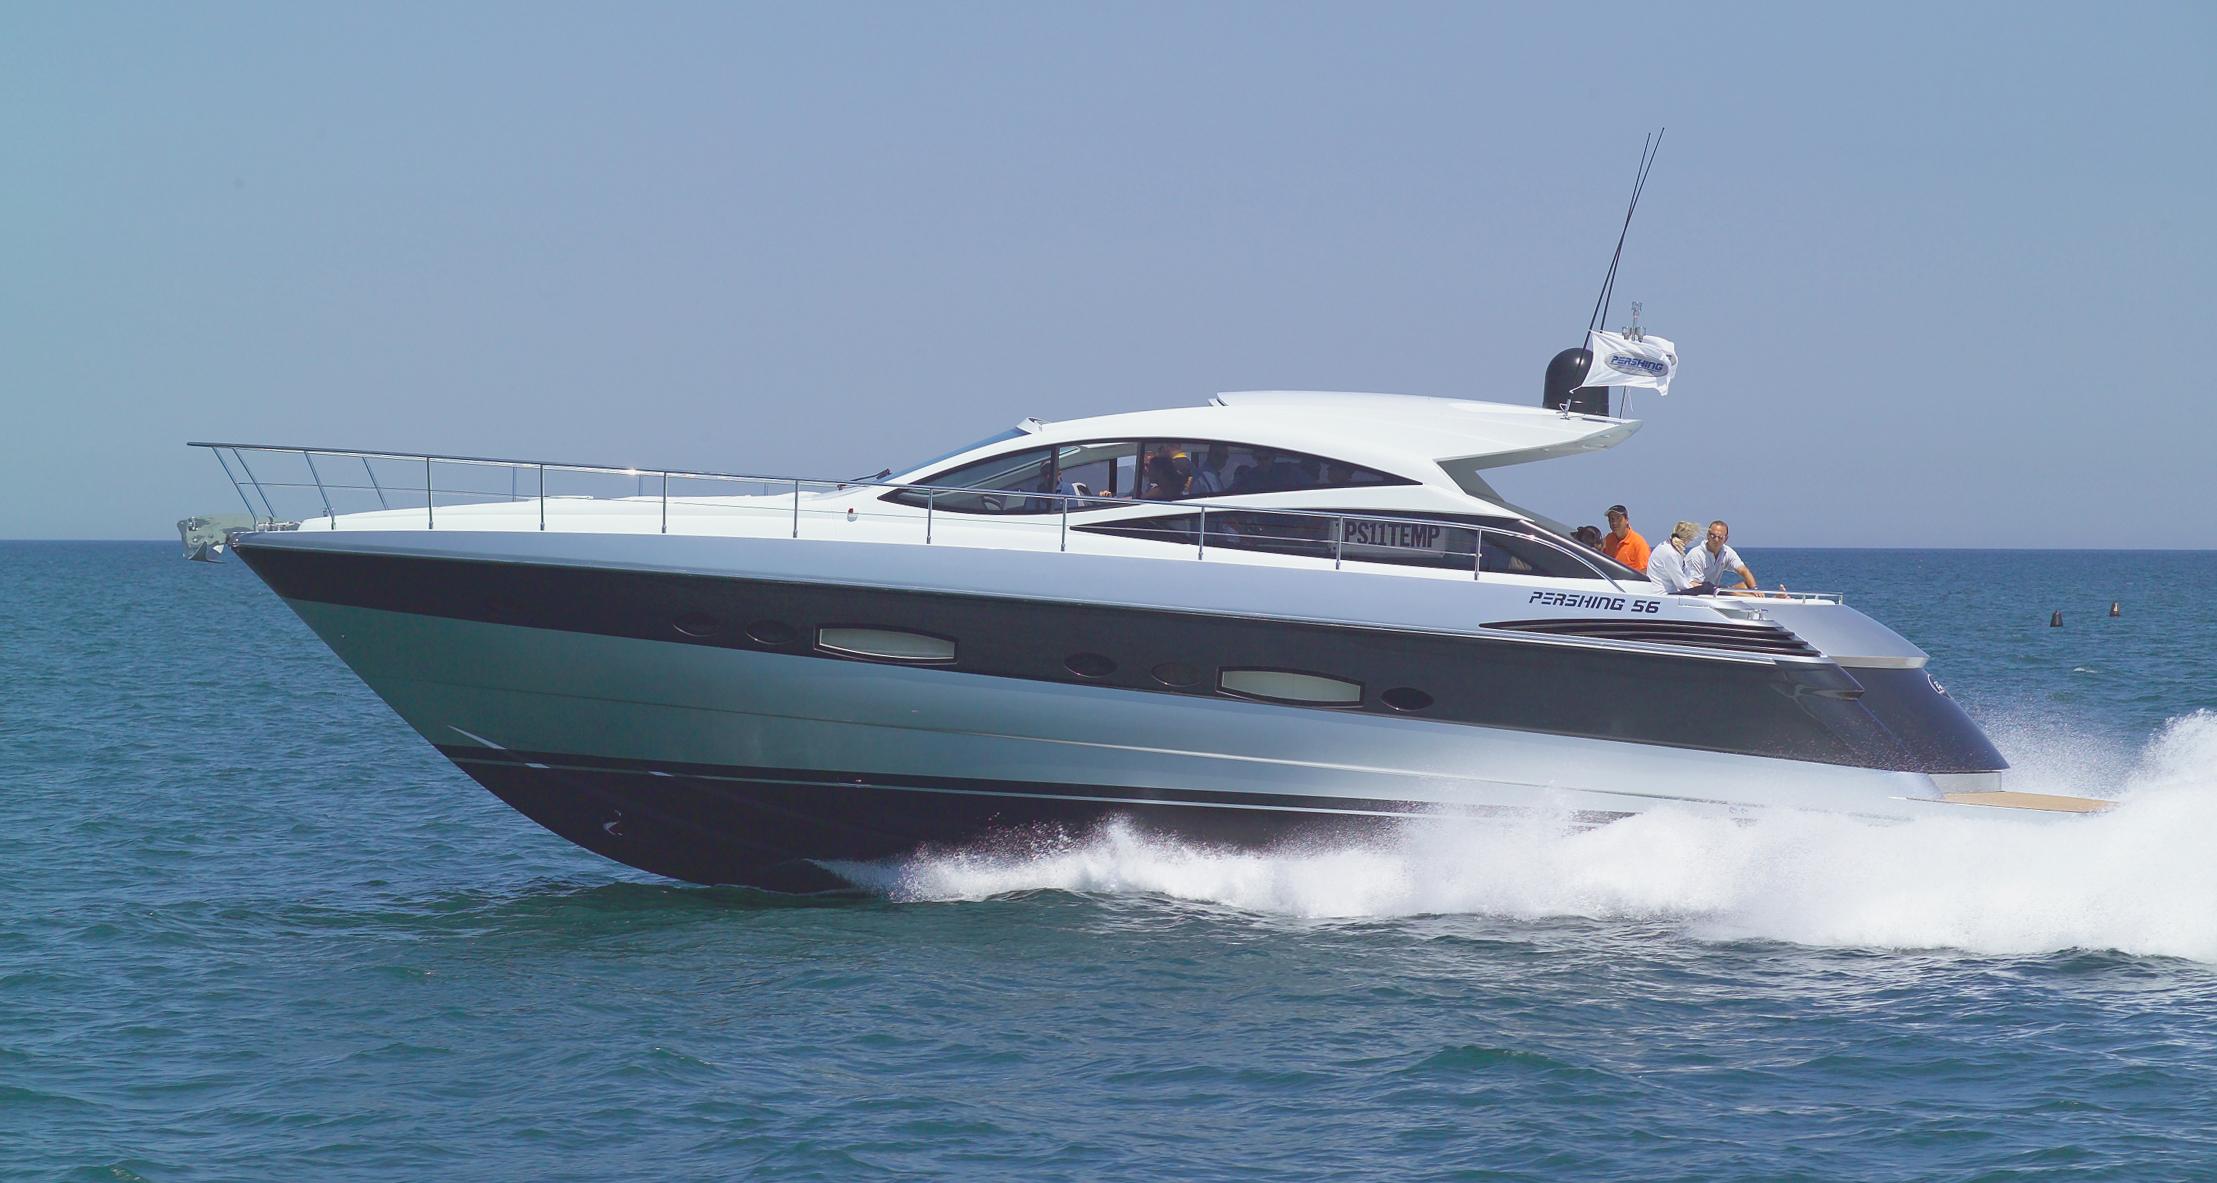 File:Yacht Pershing 56.jpg